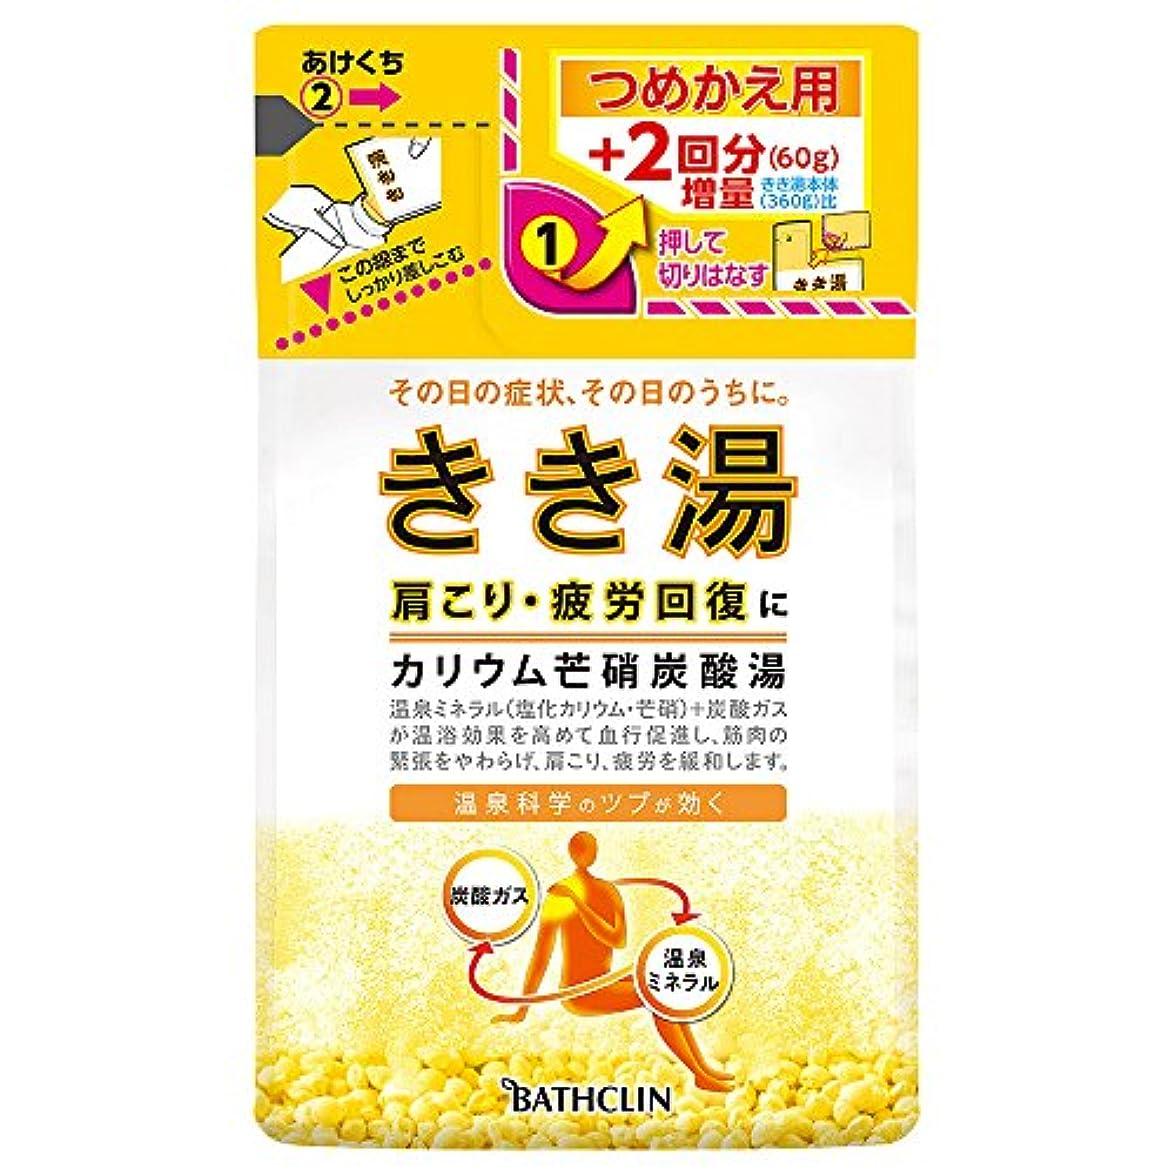 トランクライブラリデクリメント絶妙きき湯 カリウム芒硝炭酸湯 つめかえ用 420g 入浴剤 (医薬部外品)